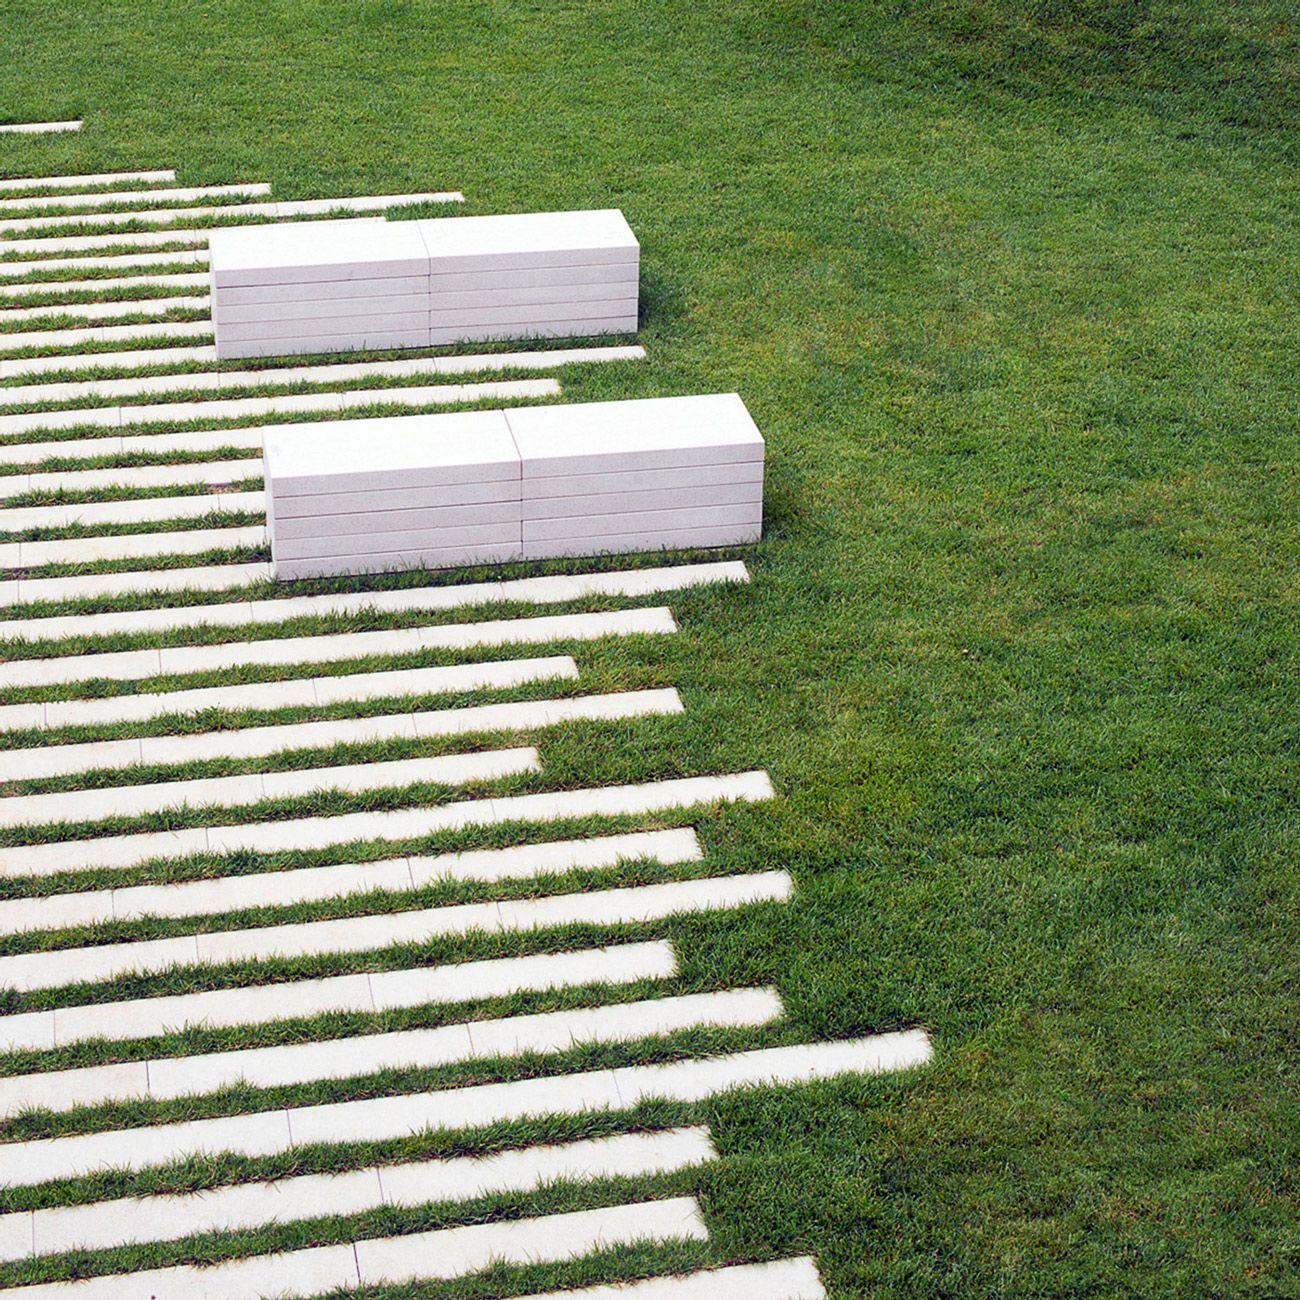 Pavimentazione arredo urbano pavimentazioni giardini for Decorazioni esterne giardino